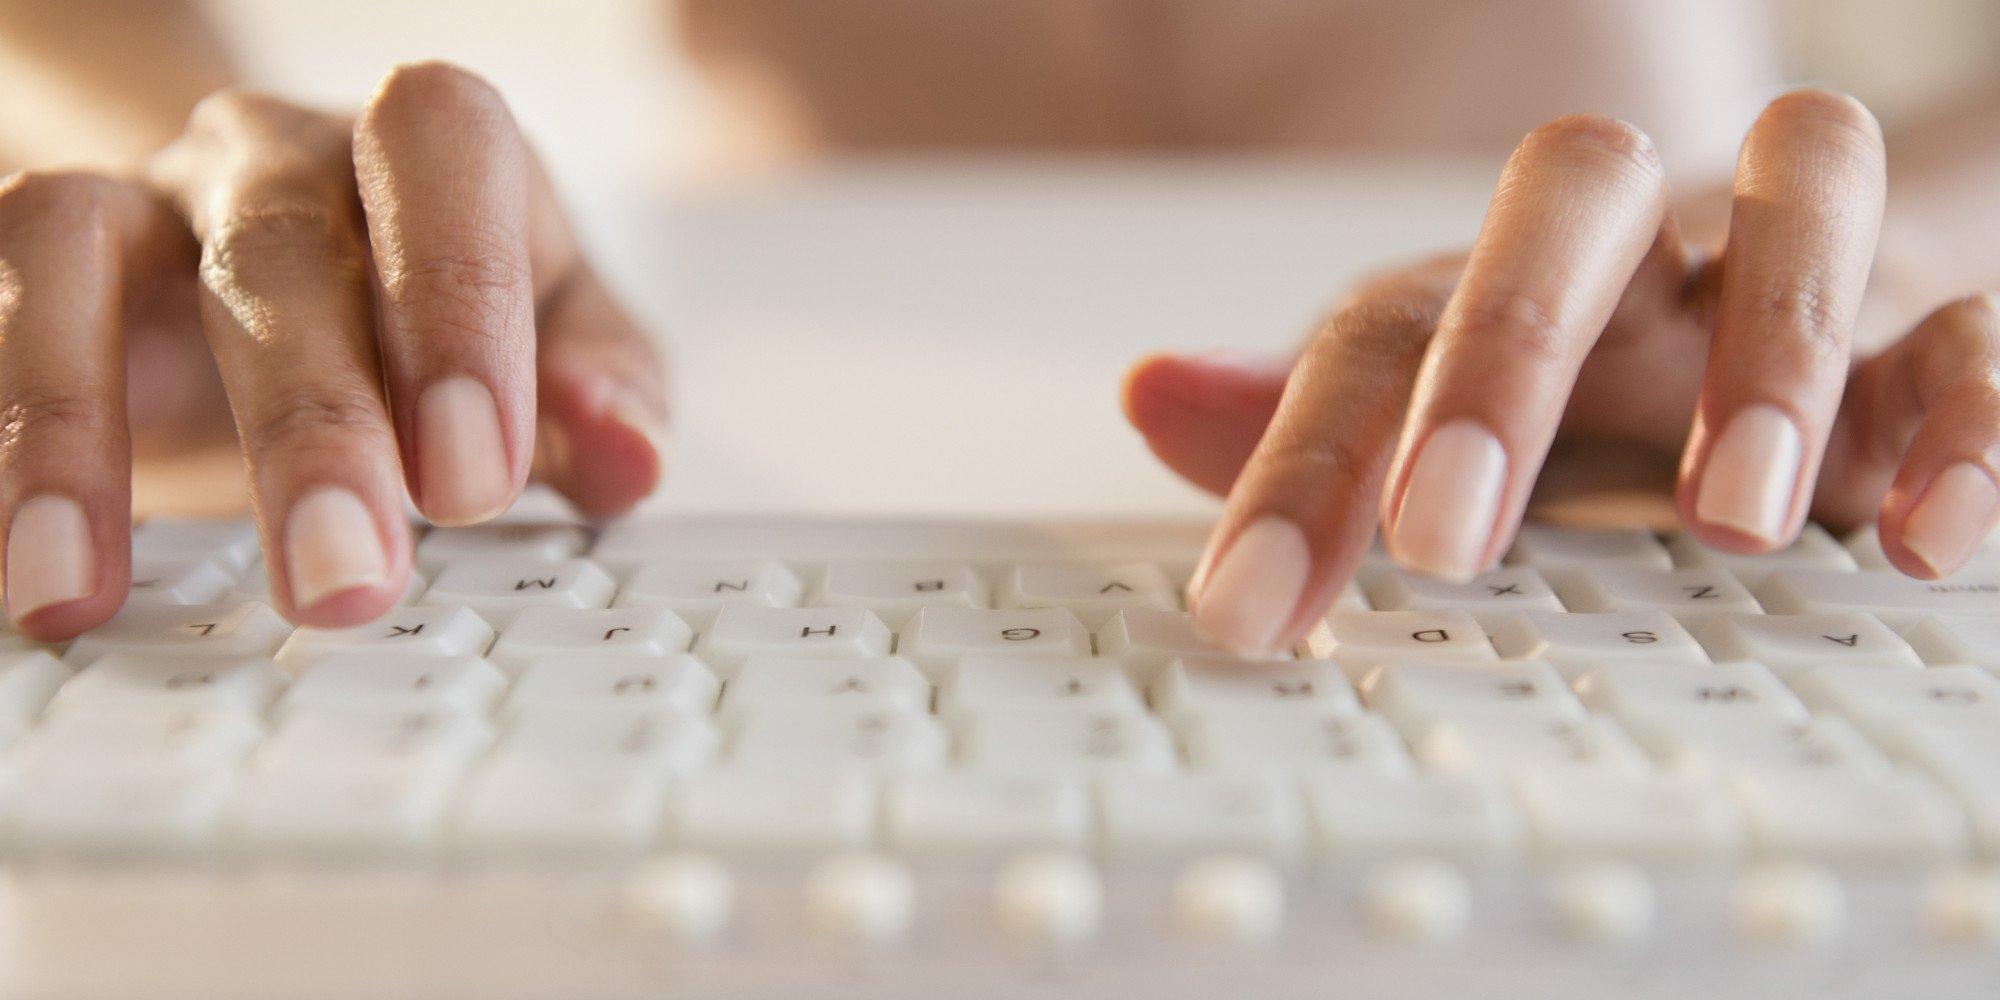 Téléchargement illégal : la Belgique se préparé au blocage des sites